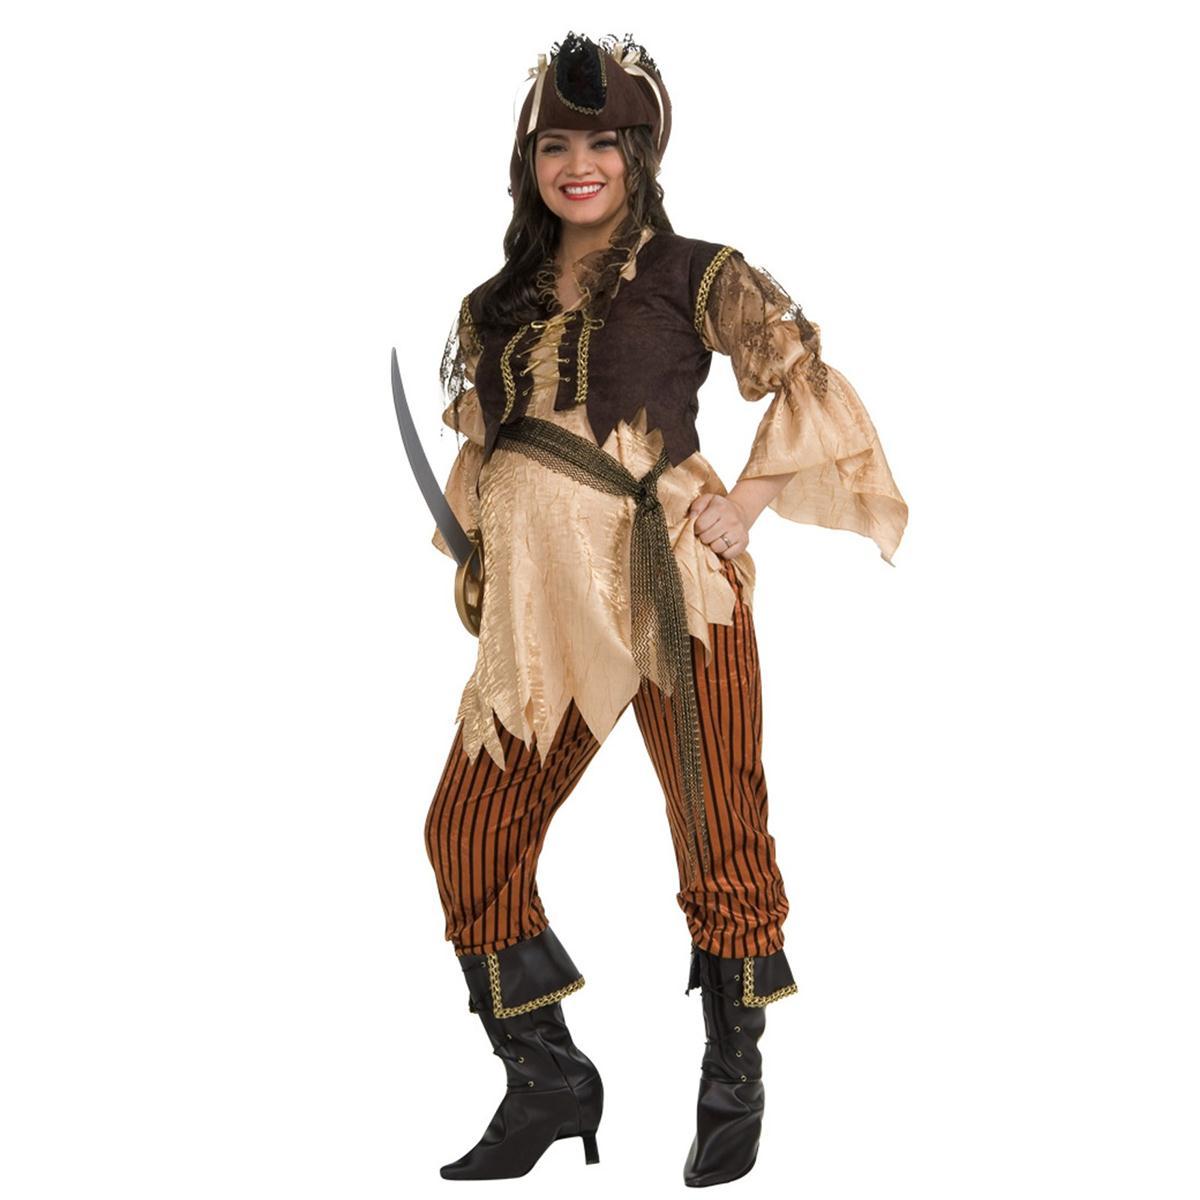 パイレーツ 海賊 ハロウィン コスプレ 衣装 妊婦のパイレーツクィーン 大人用コスチューム